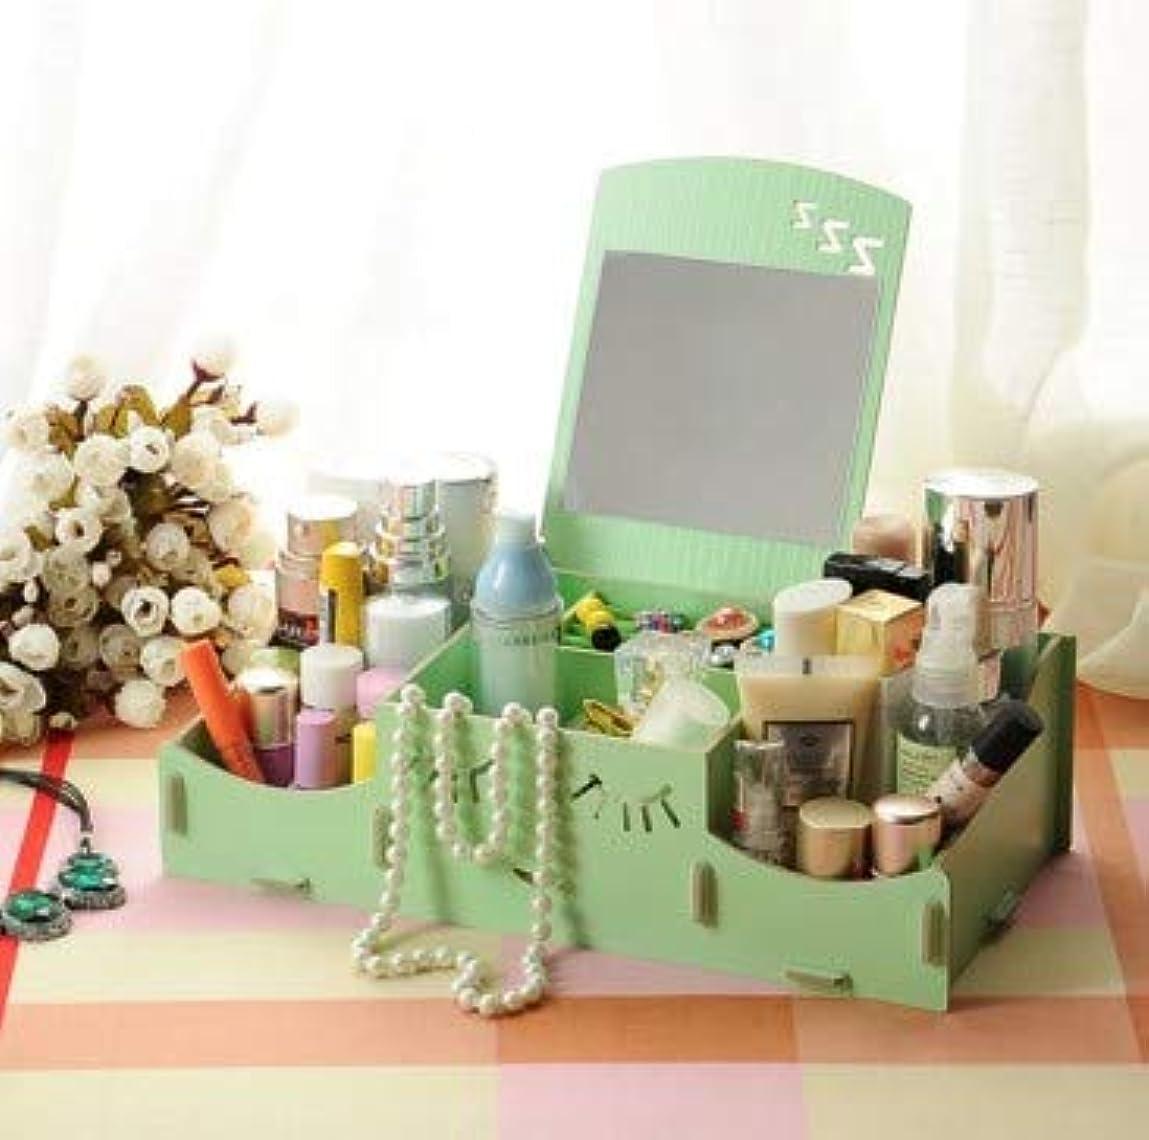 区別速度耕すスマイリー木製クリエイティブ収納ボックス手作りデスクトップミラー化粧品収納ボックス化粧品収納ボックス (Color : グリンー)